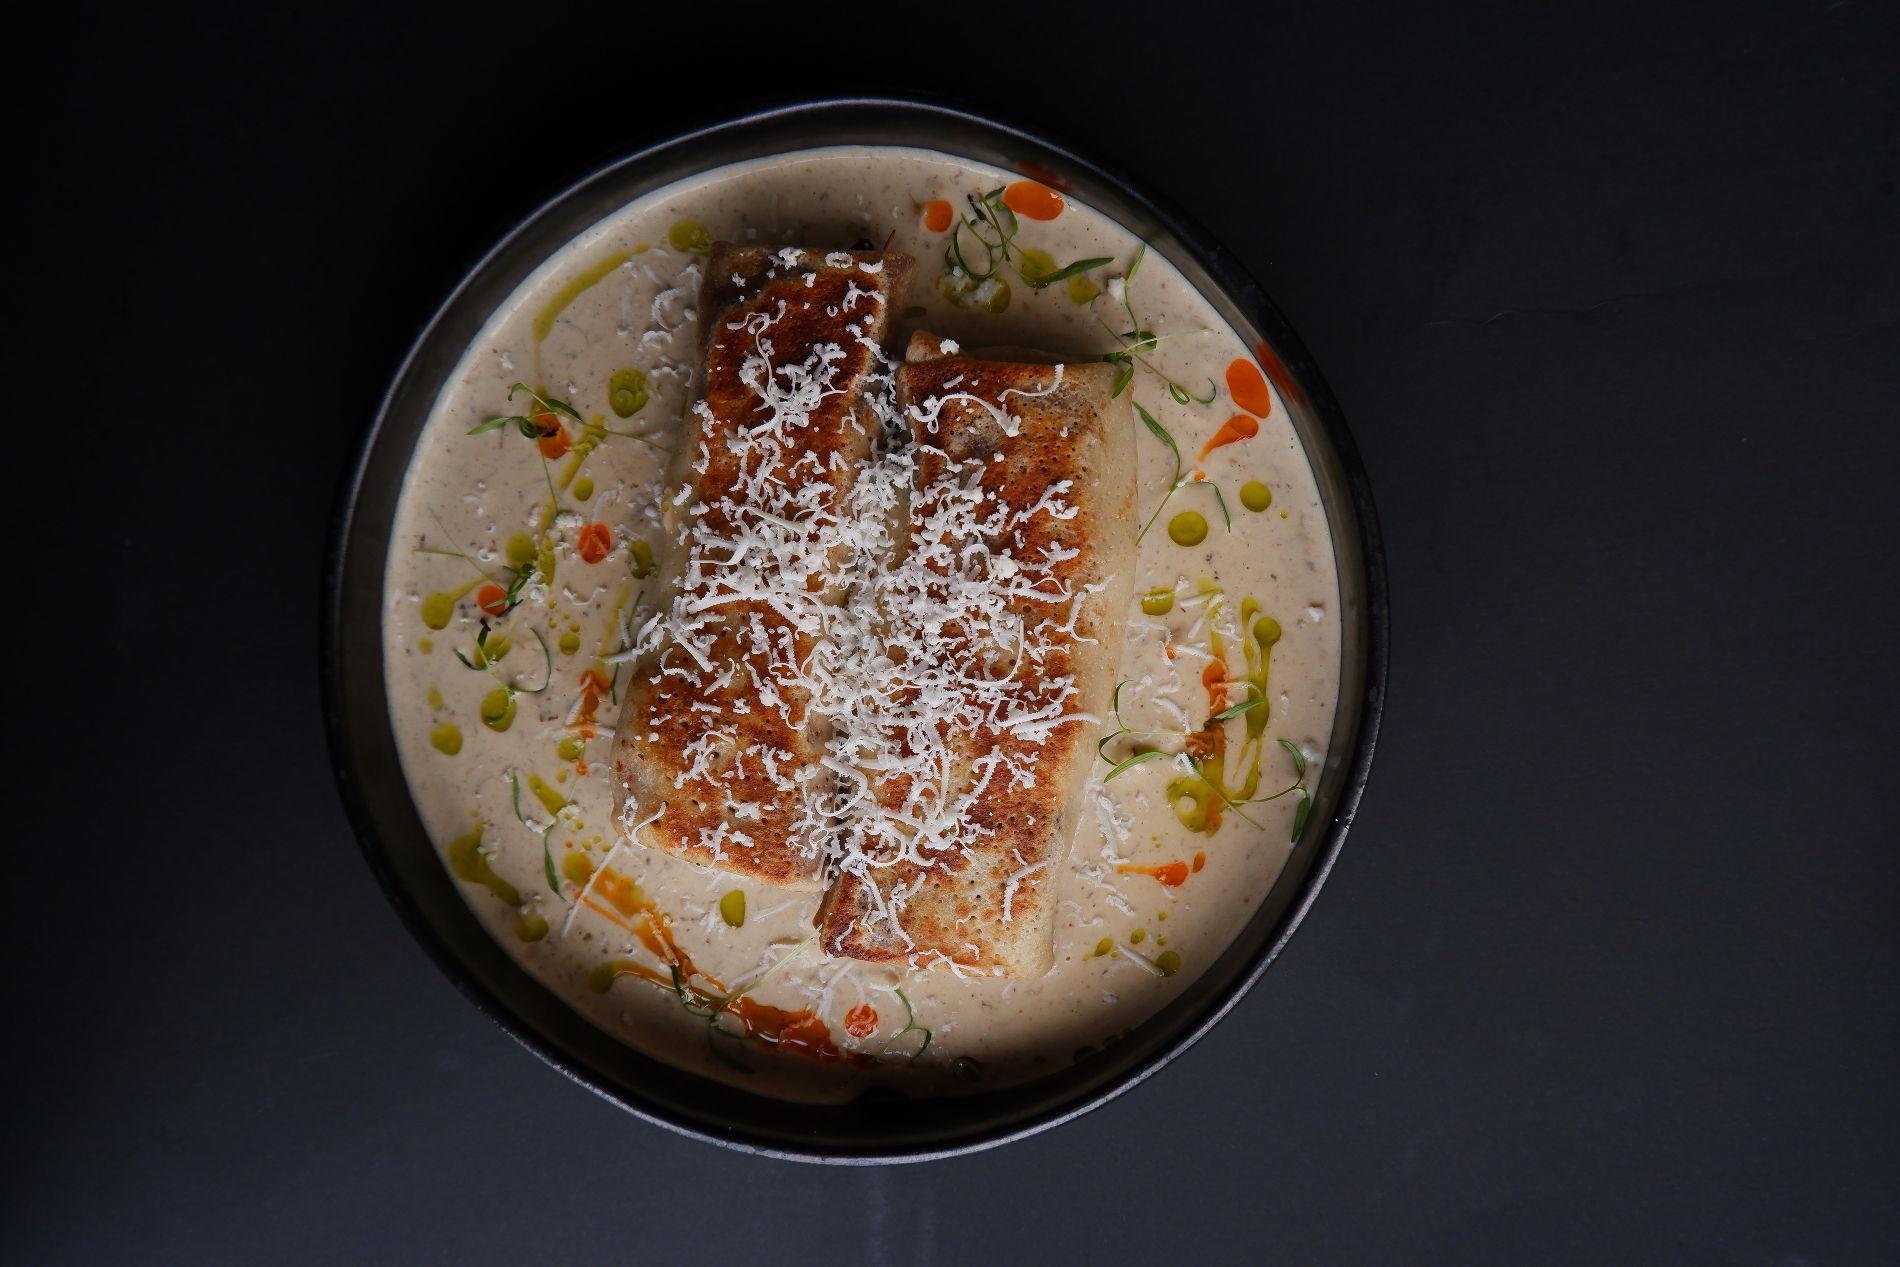 Блины с говяжьи щеками и соусом из белых грибов ©Фото предоставлено PR-службой ресторана «Скотина»